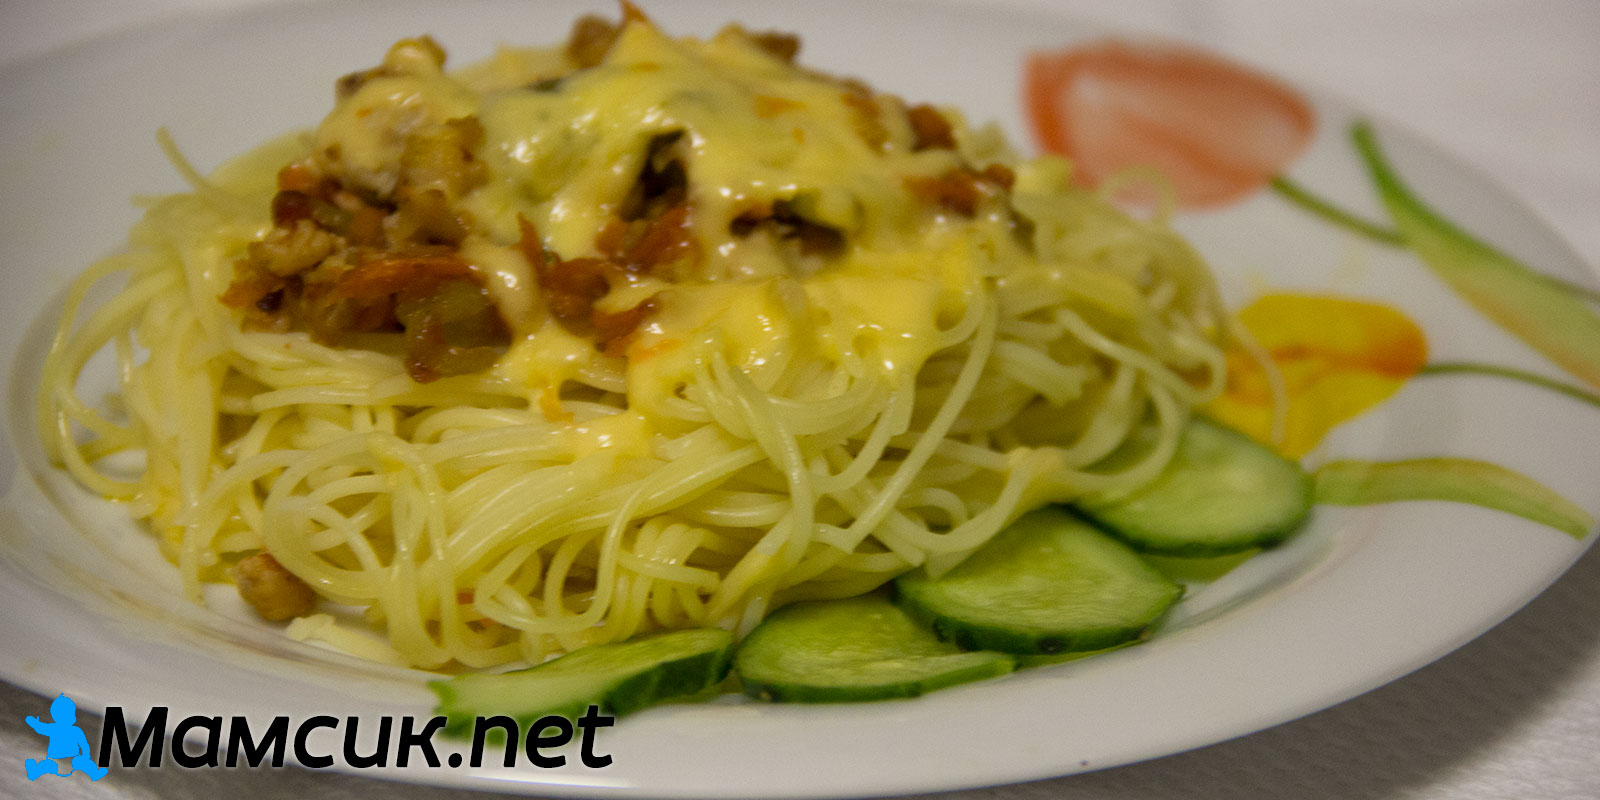 Простые и вкусные рецепты блюд при грудном вскармливании